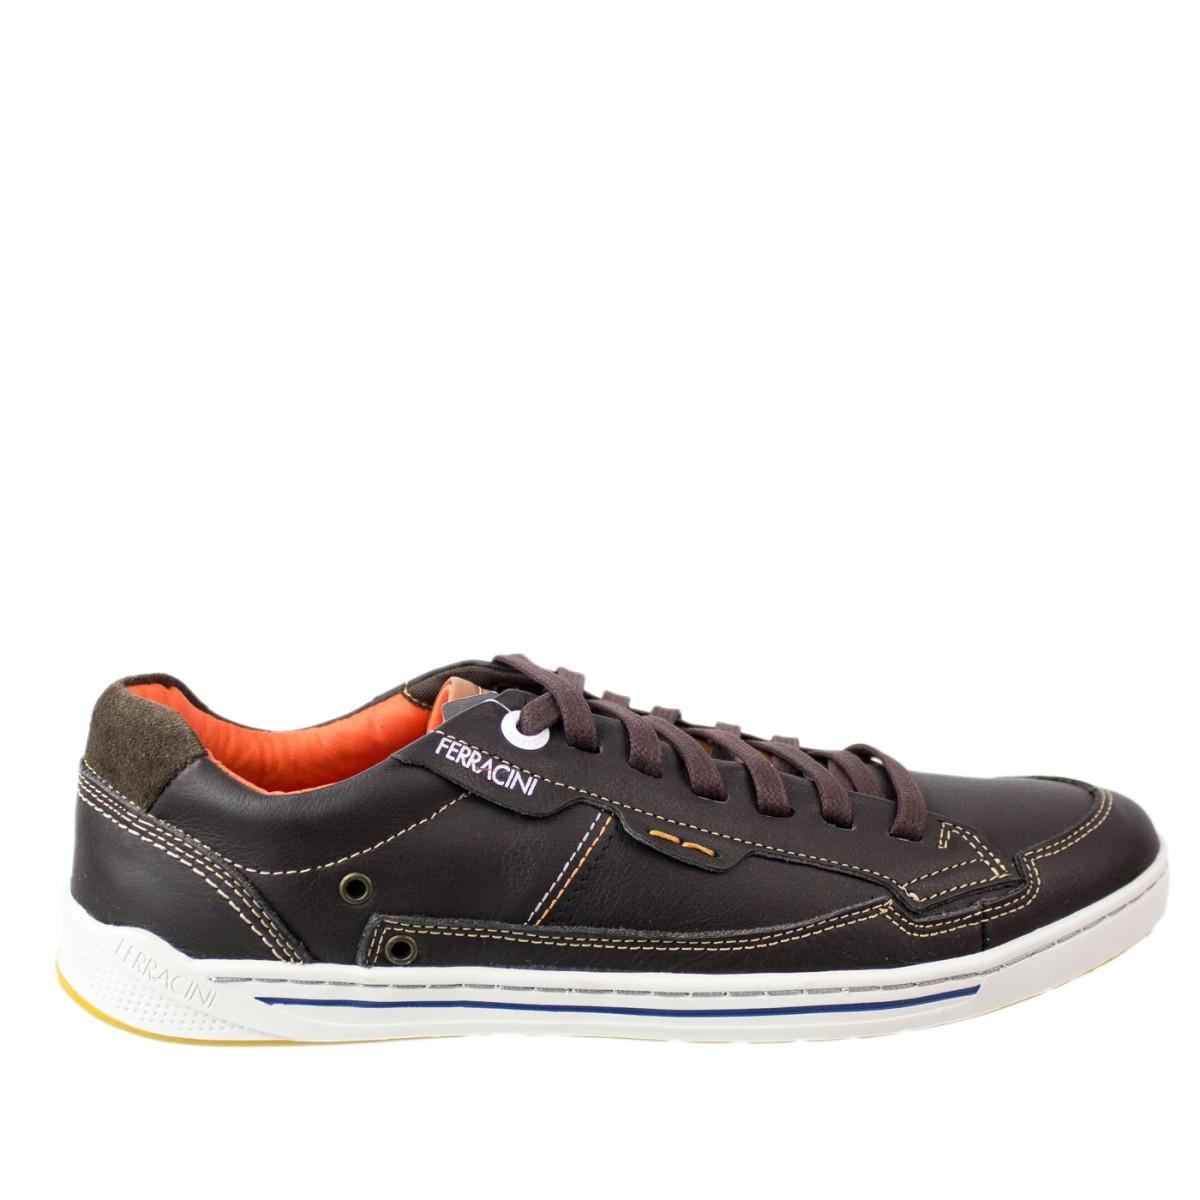 a864c3248 Ferracini - Compre Sapatênis, Sapatos e Botas | Bizz Store